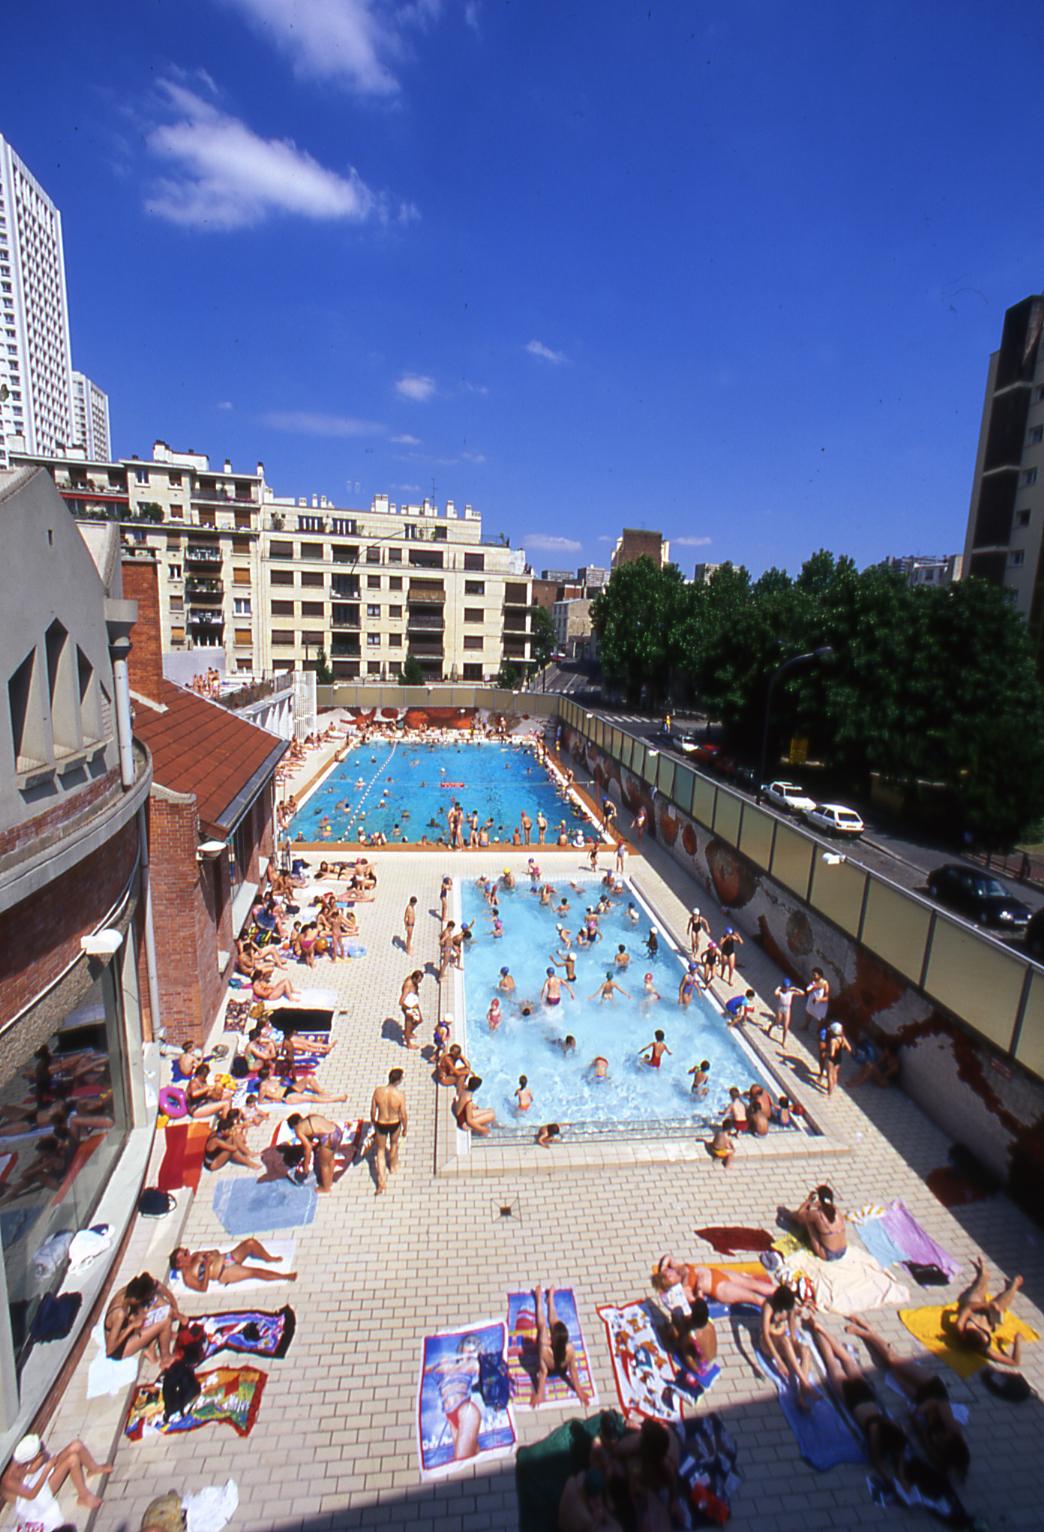 Plonger dans une piscine ciel ouvert vacances paris for Apprendre a plonger dans une piscine